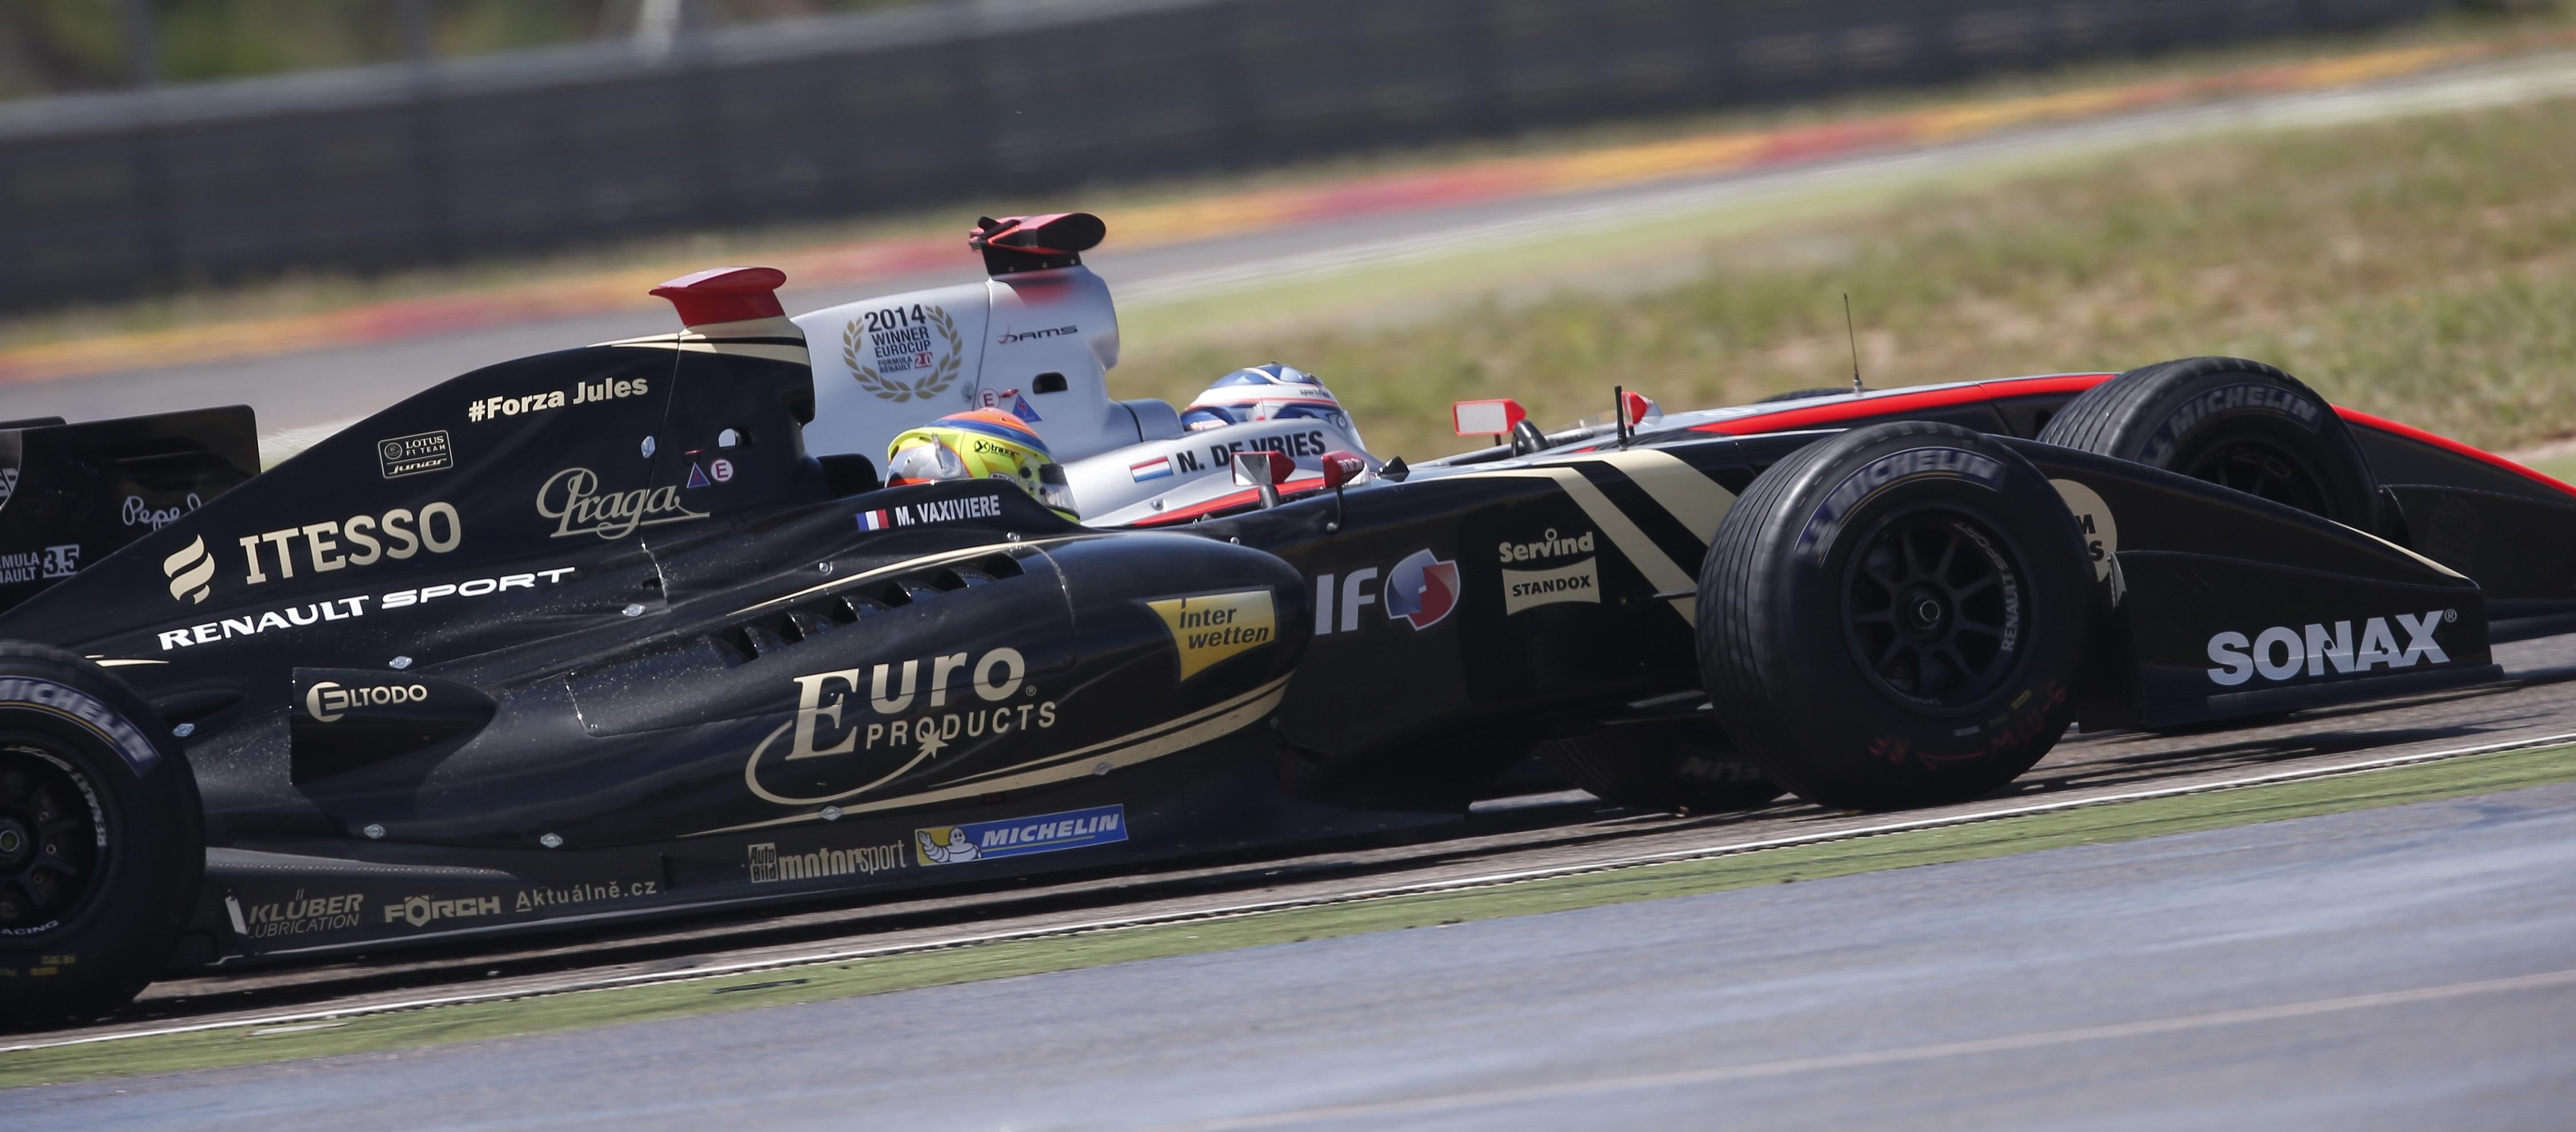 Fórmula Renault 3.5 Aragón 2015